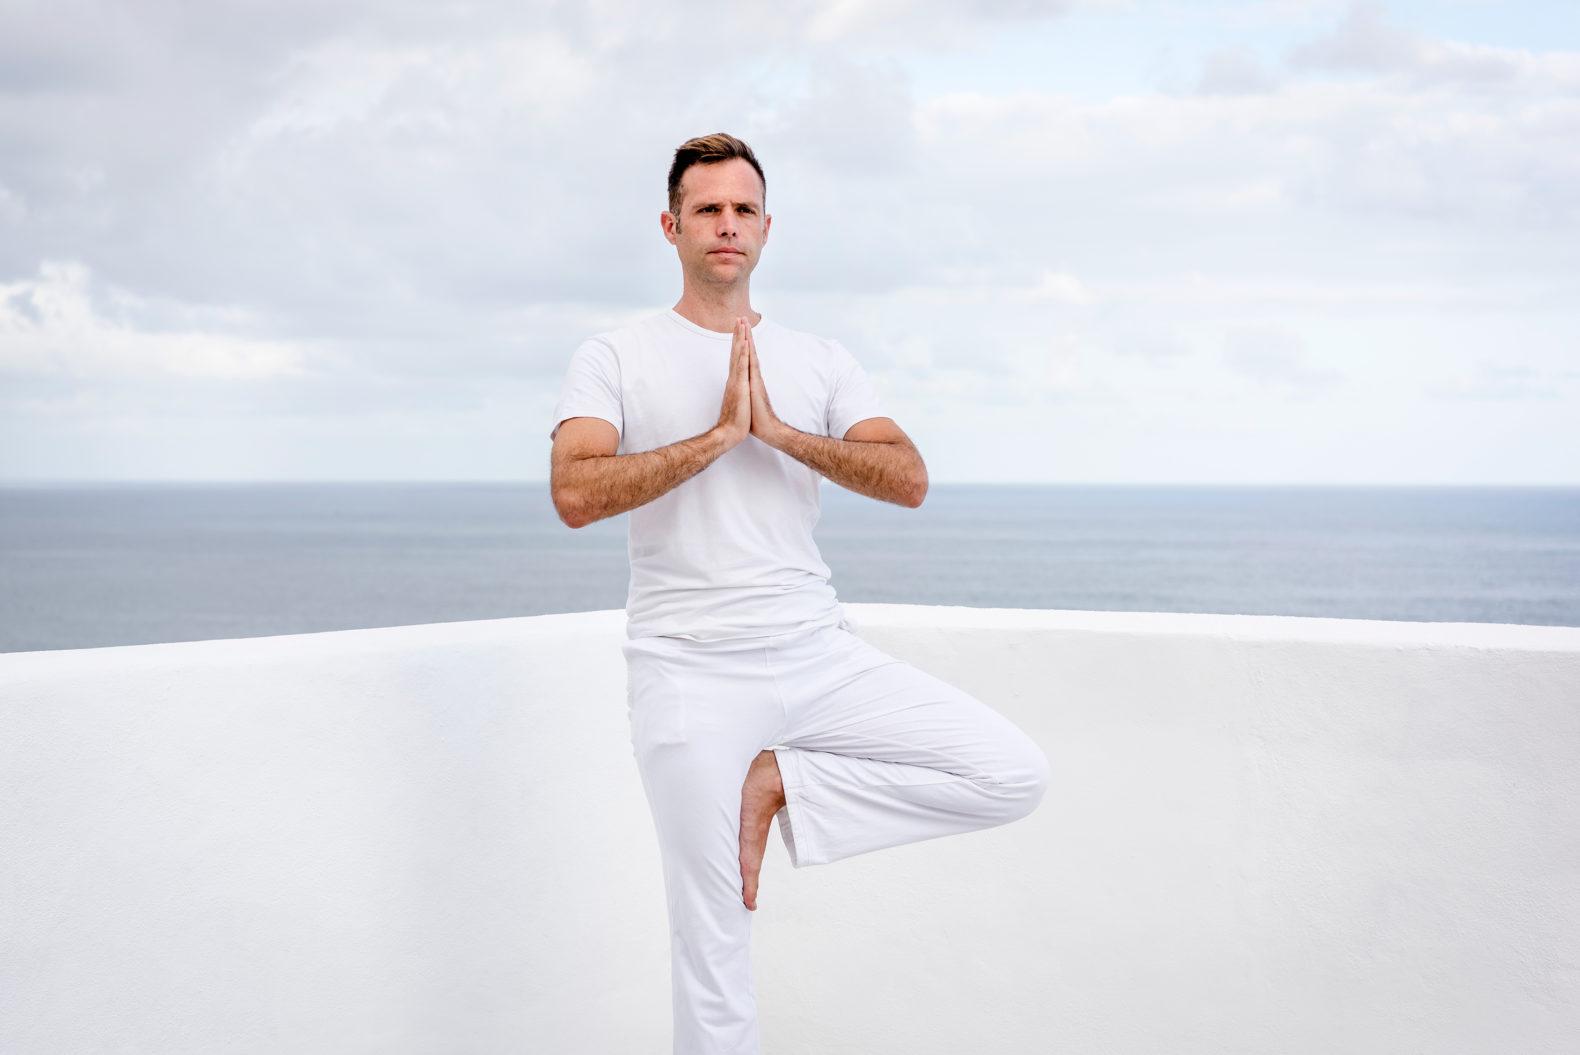 man-meditating-white-rooftop-sky-ocean-oceano-hotel-health-spa-tenerife-spain